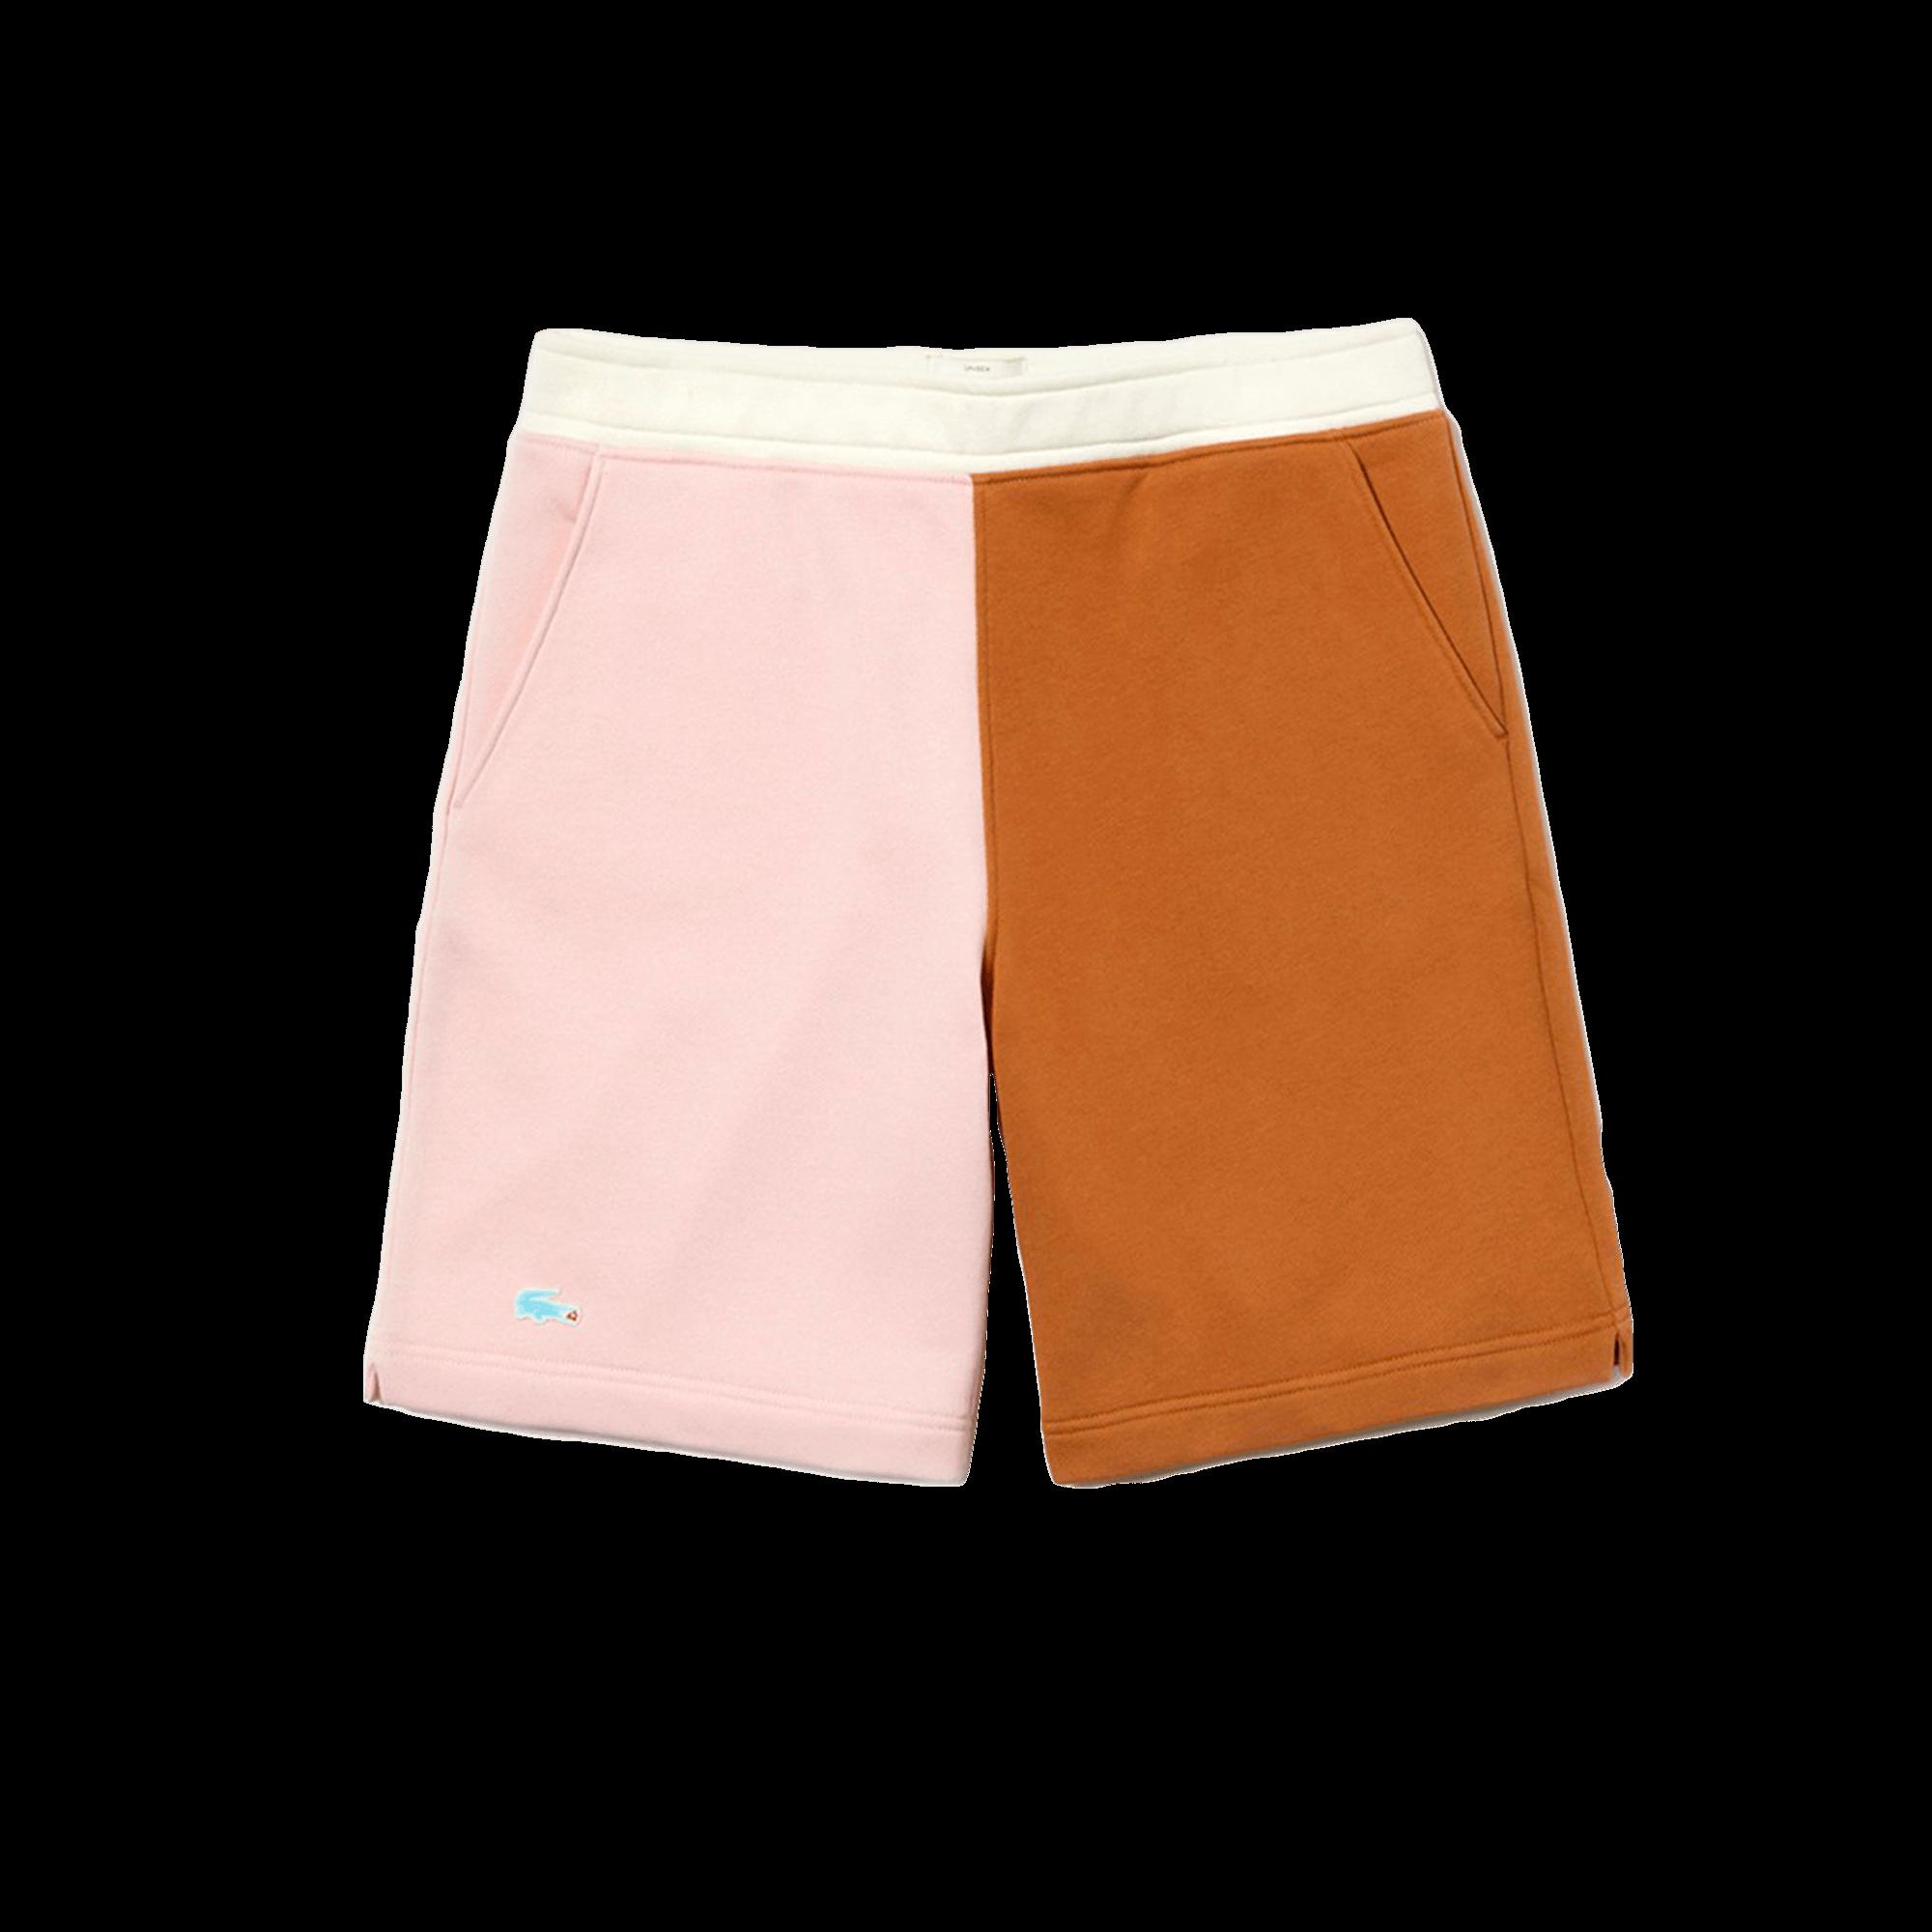 autentico 6e211 a24e5 Lacoste Golf Le Fleur x Lacoste Bermuda Shorts white / pink / light brown -  Pantaloni corti | Holypopstore.com